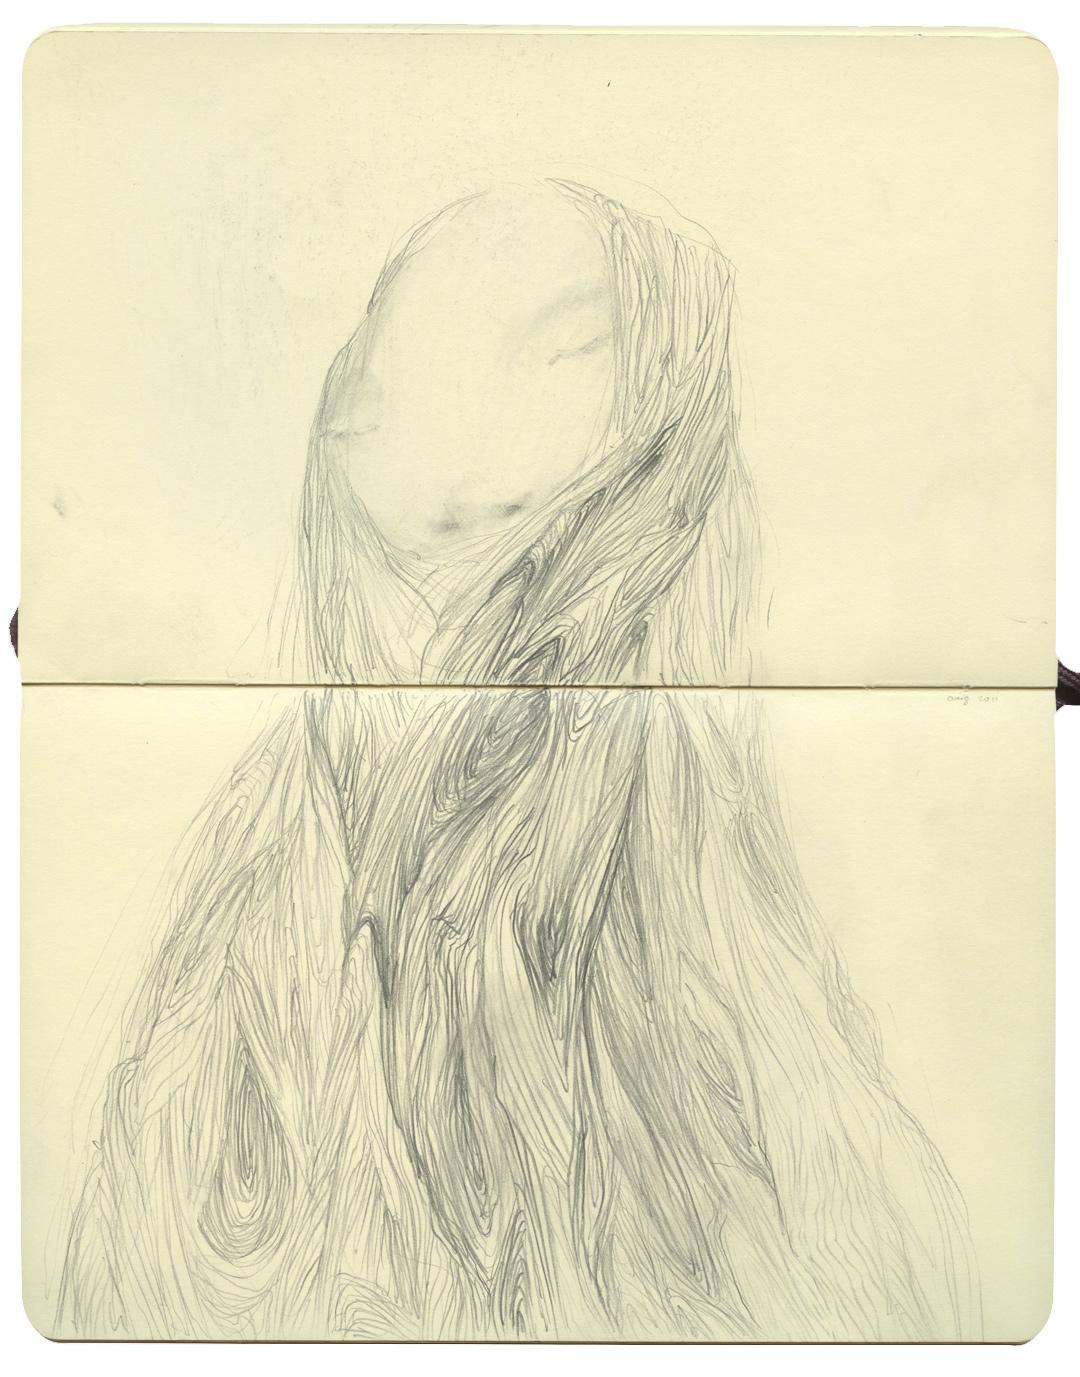 moleskine-sketchbook-13.jpg